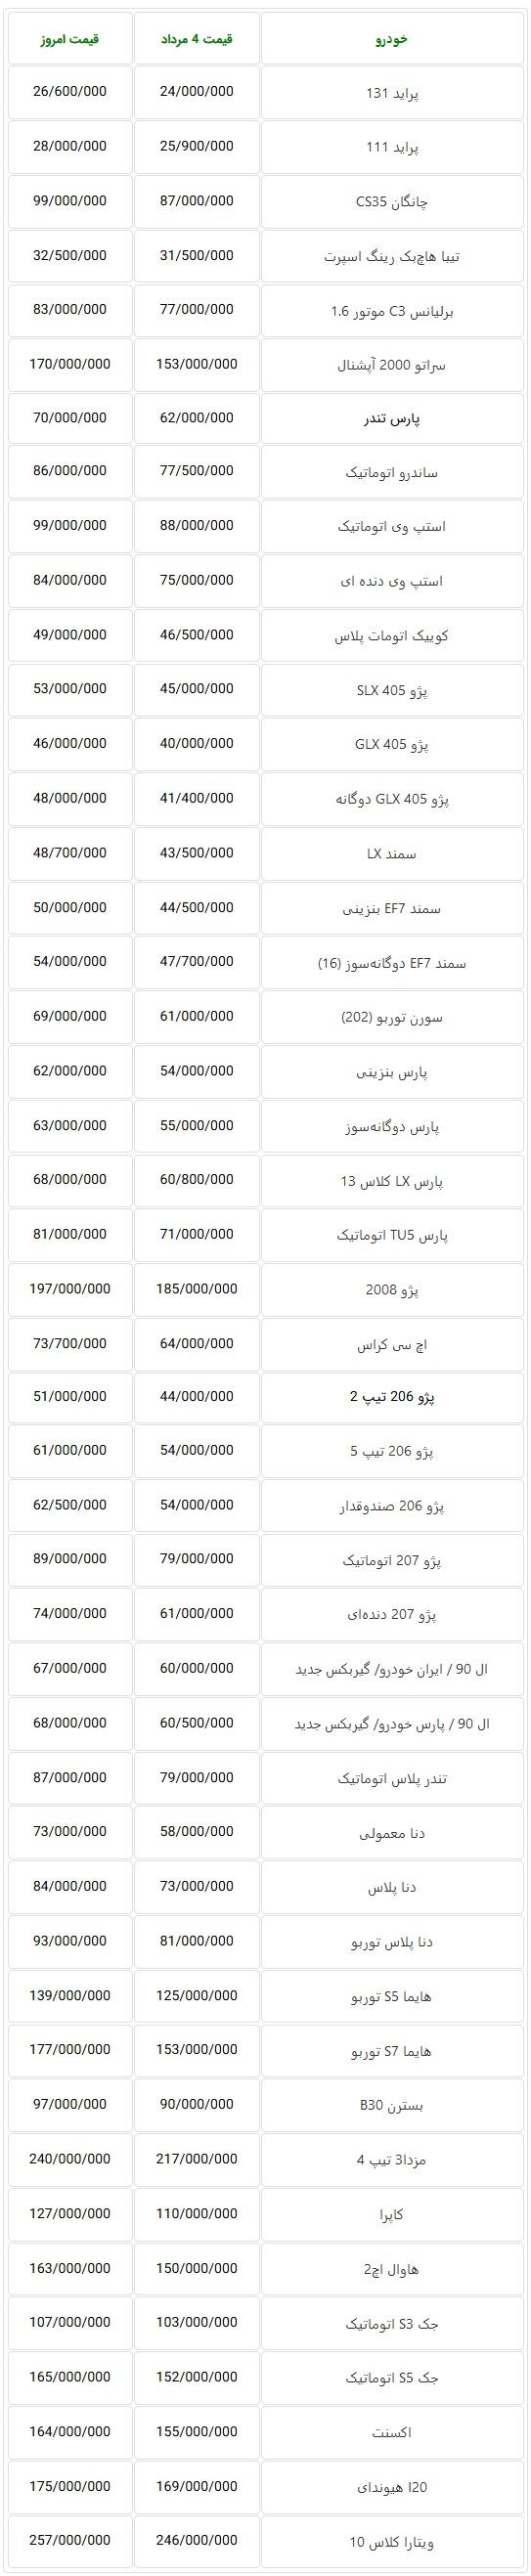 باز هم قیمت خودروهای داخلی طی هفته گذشته جهش یافت + جدول